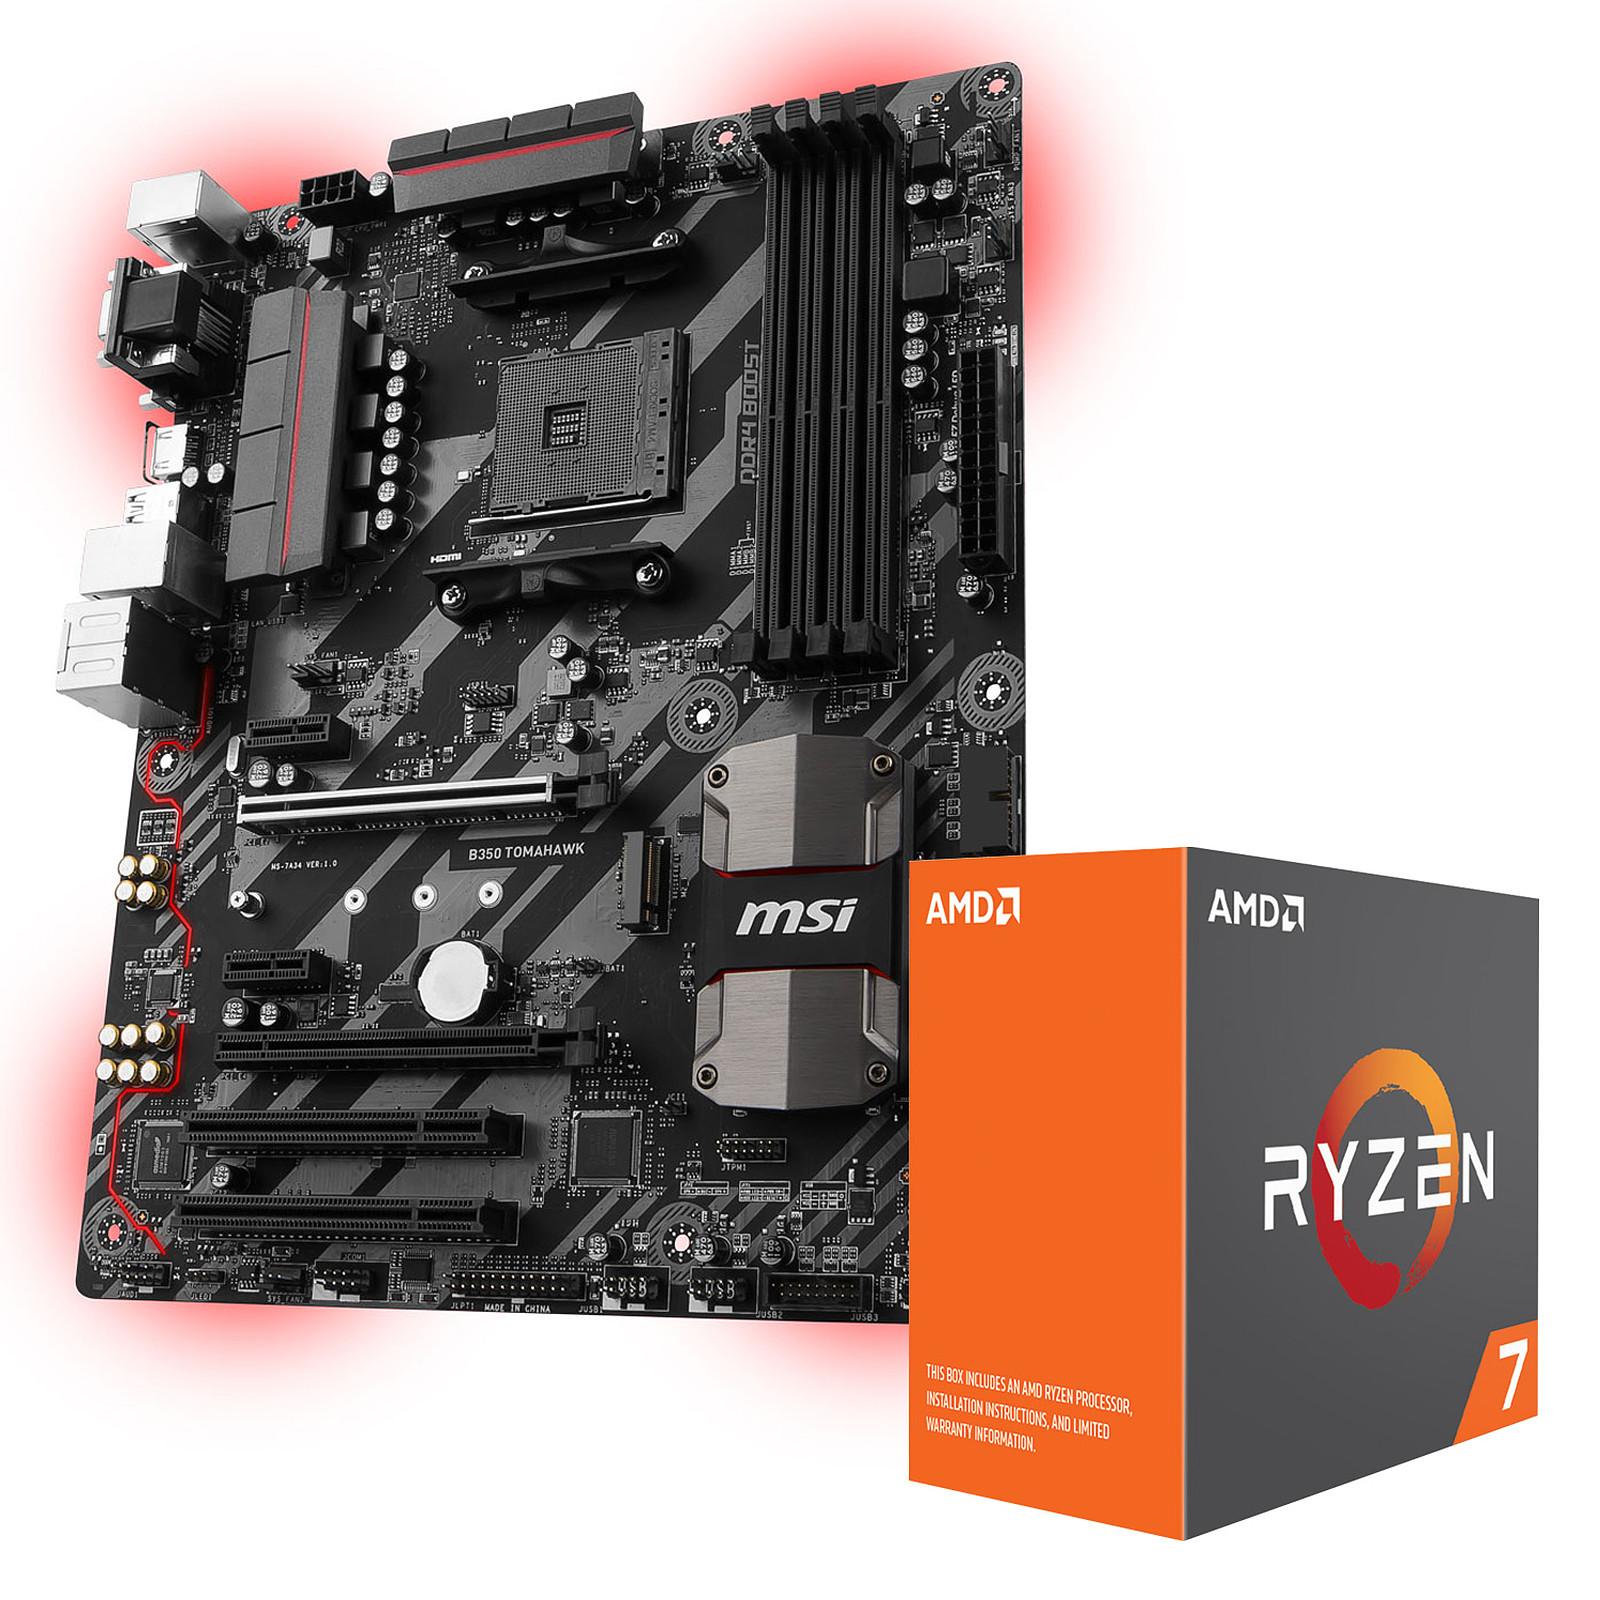 carte mère socket am4 AMD Ryzen 7 1700X (3.4 GHz) + MSI B350 TOMAHAWK   Processeur AMD